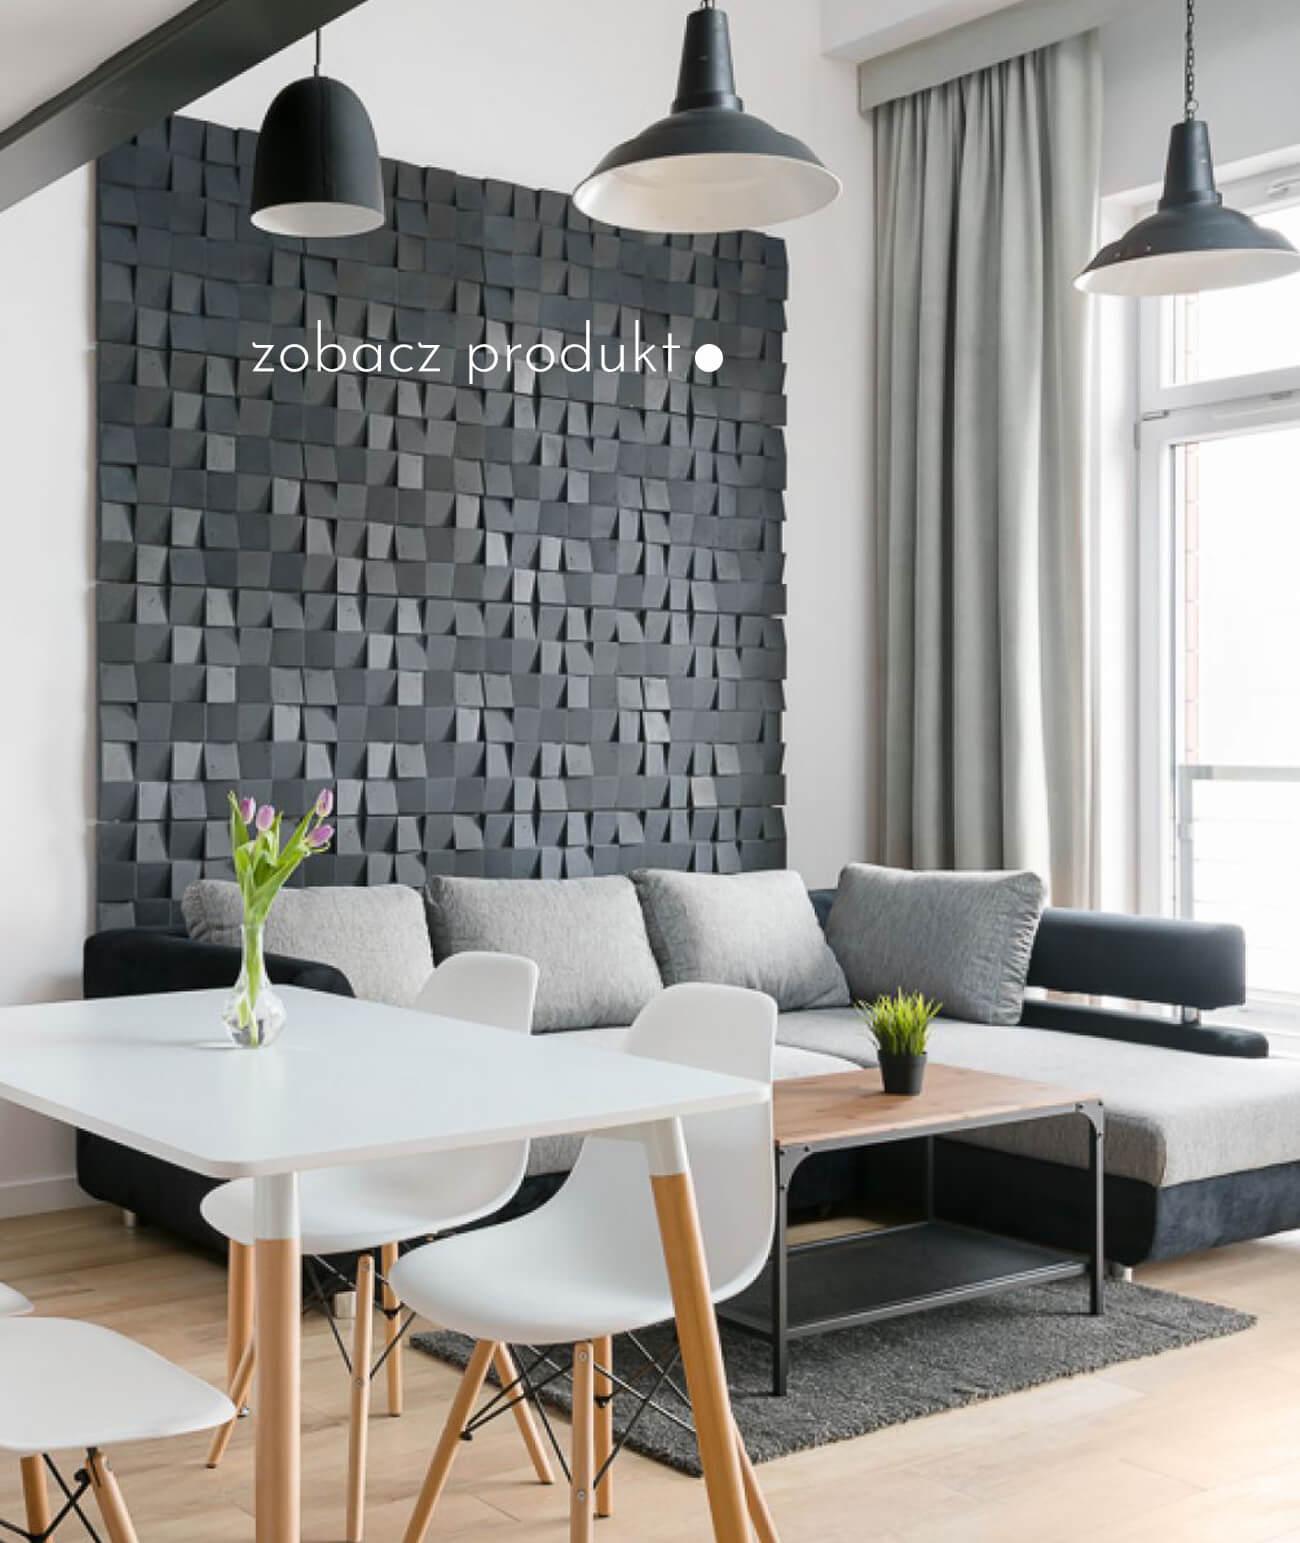 panele-betonowe-3d-scienne-i-elewacyjne-beton-architektoniczny_490-2653-pb15-b8-antracyt-coco---panel-dekor-3d-beton-architektoniczny-panel-scienny